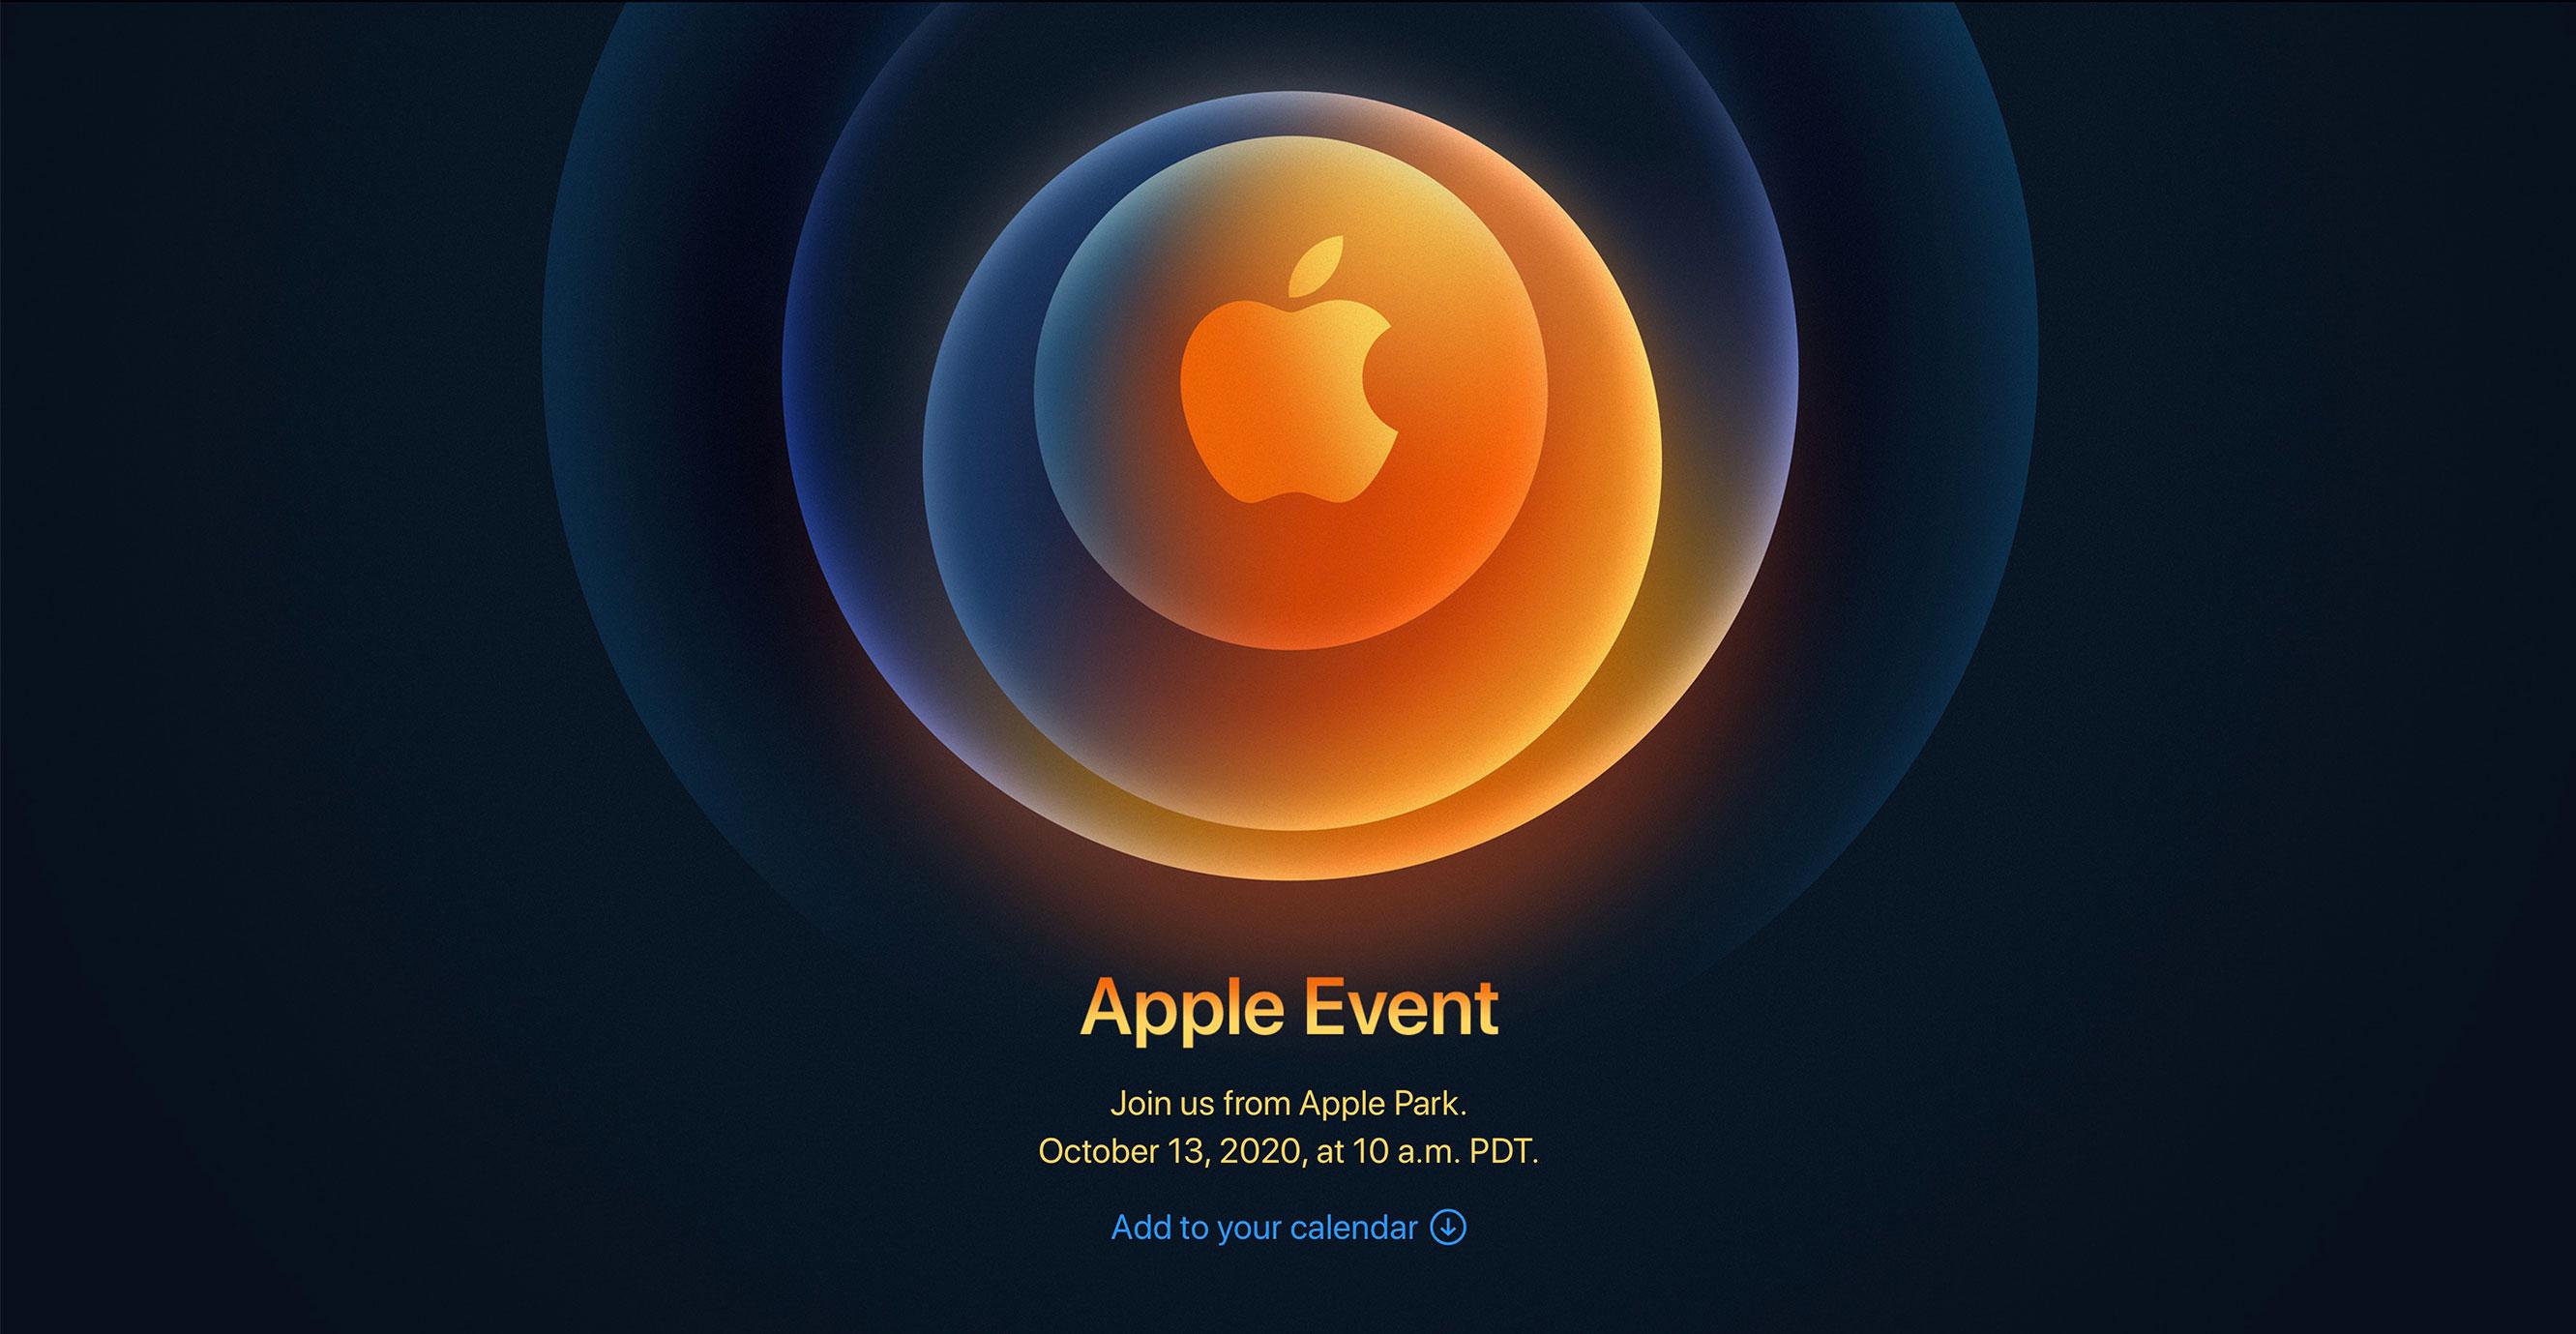 https://www.macfreak.nl/modules/news/images/zArt.AppleHiSpeedEvent2020.jpg